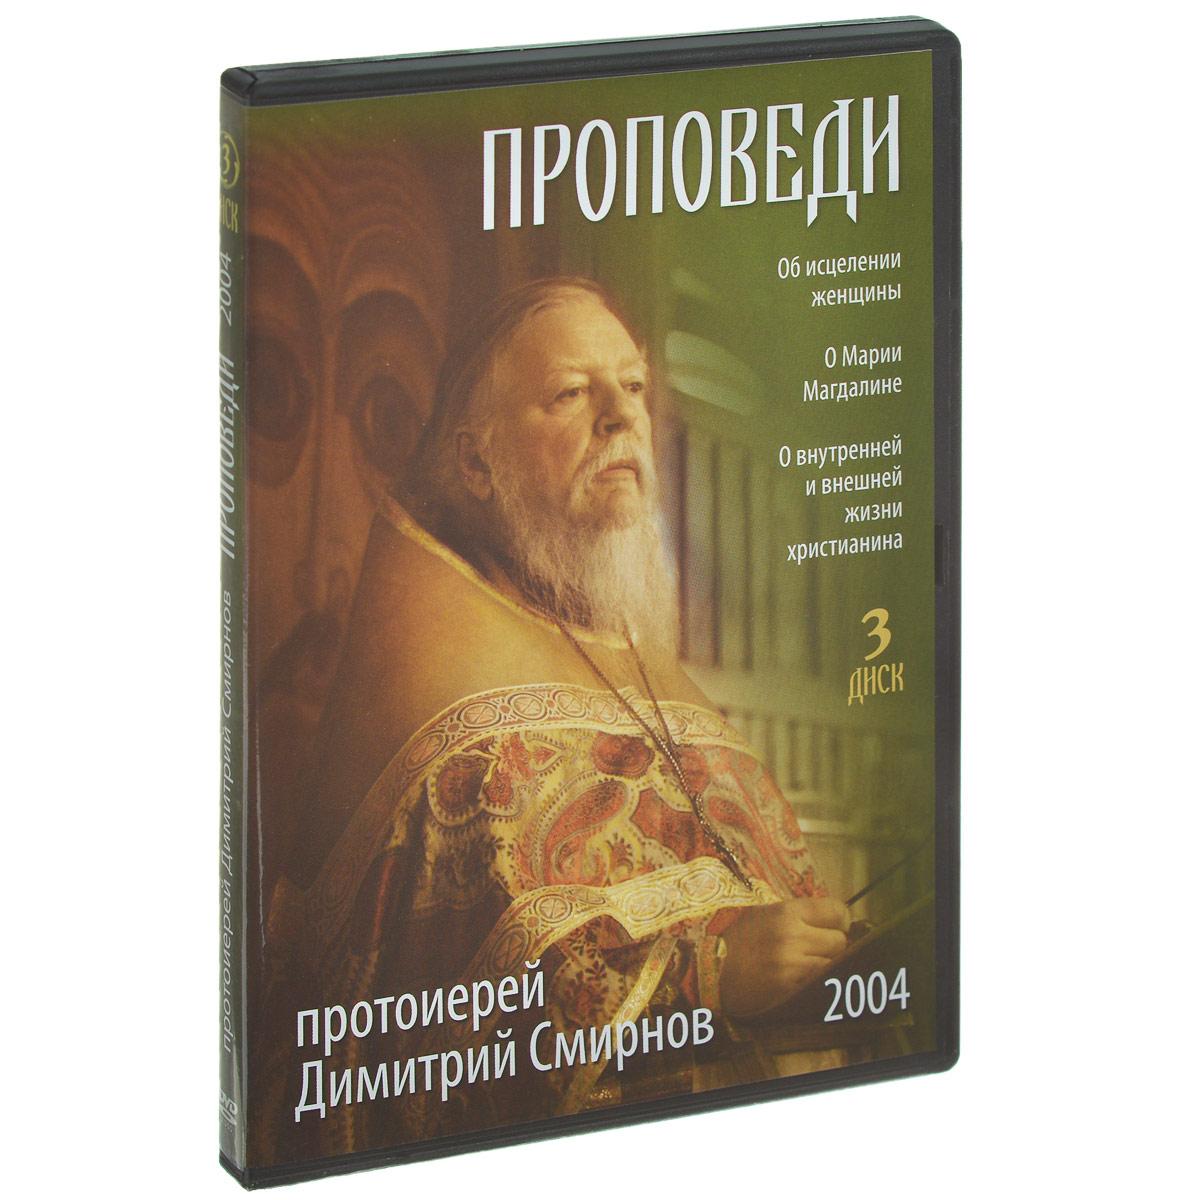 Протоиерей Димитрий Смирнов - один из самых известных и ярких проповедников наших дней. Он - автор многочисленных публикаций, участник церковных форумов, частый гость на